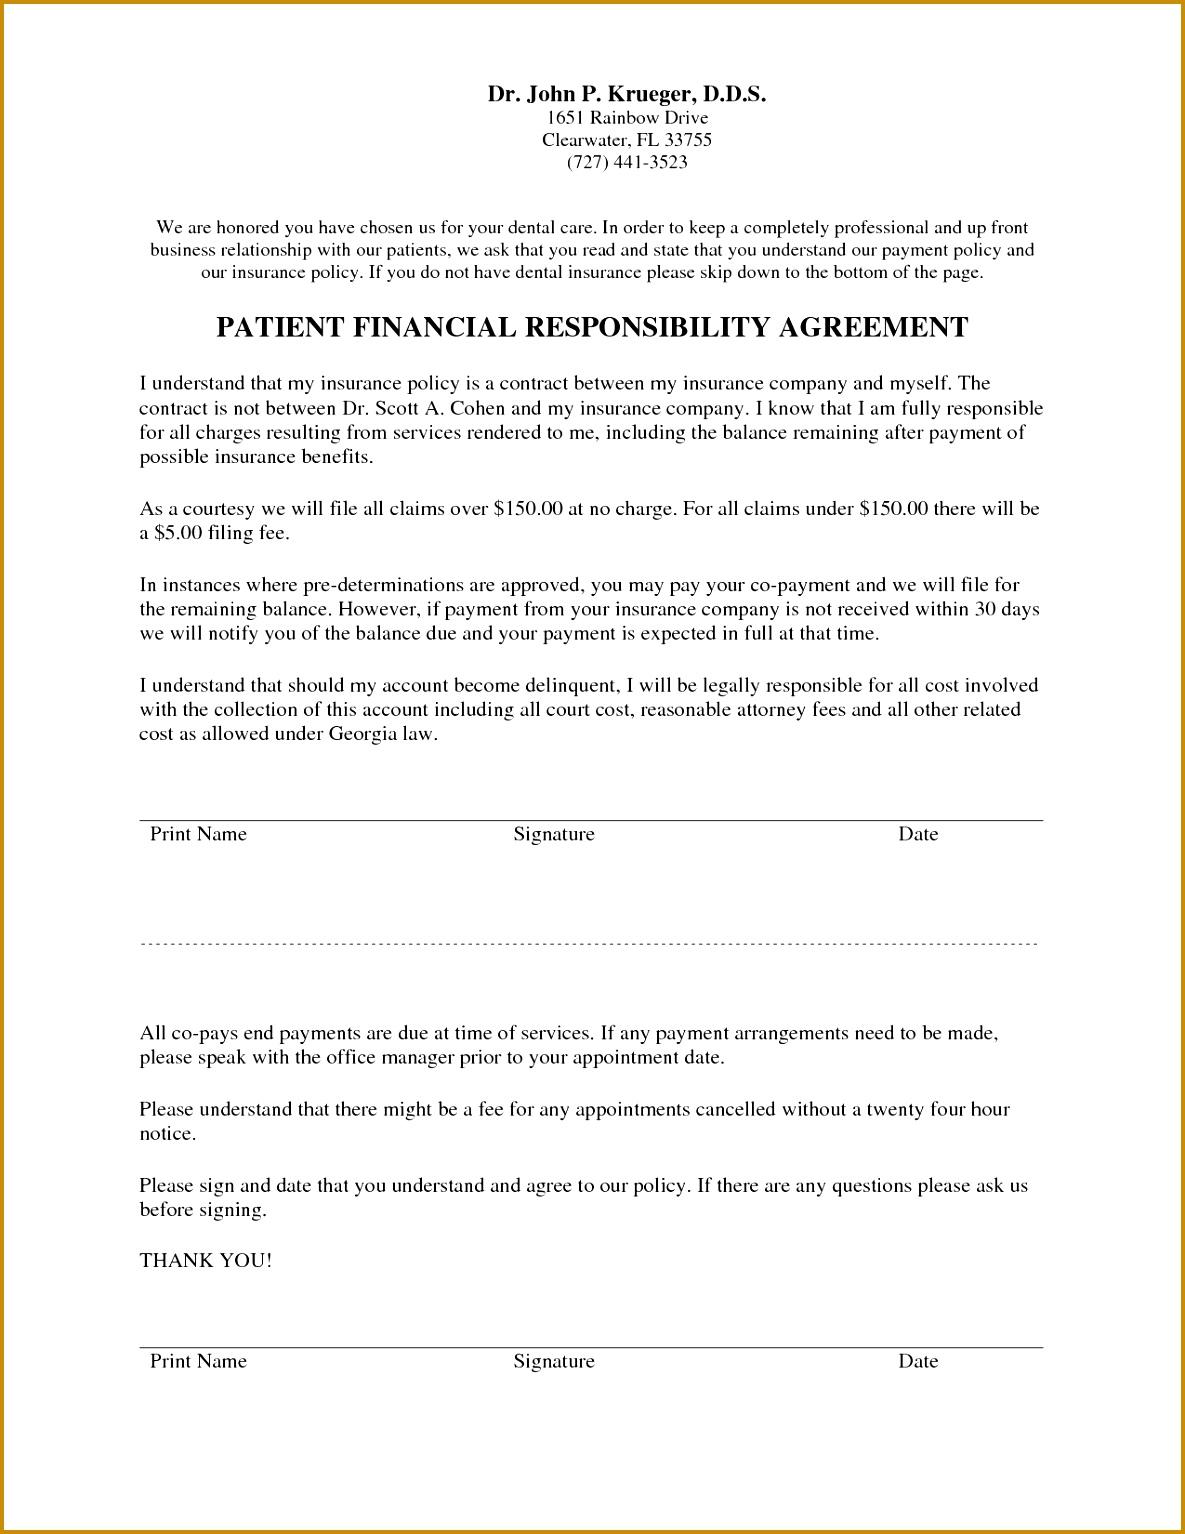 Dental Financial Agreement Template 15341185